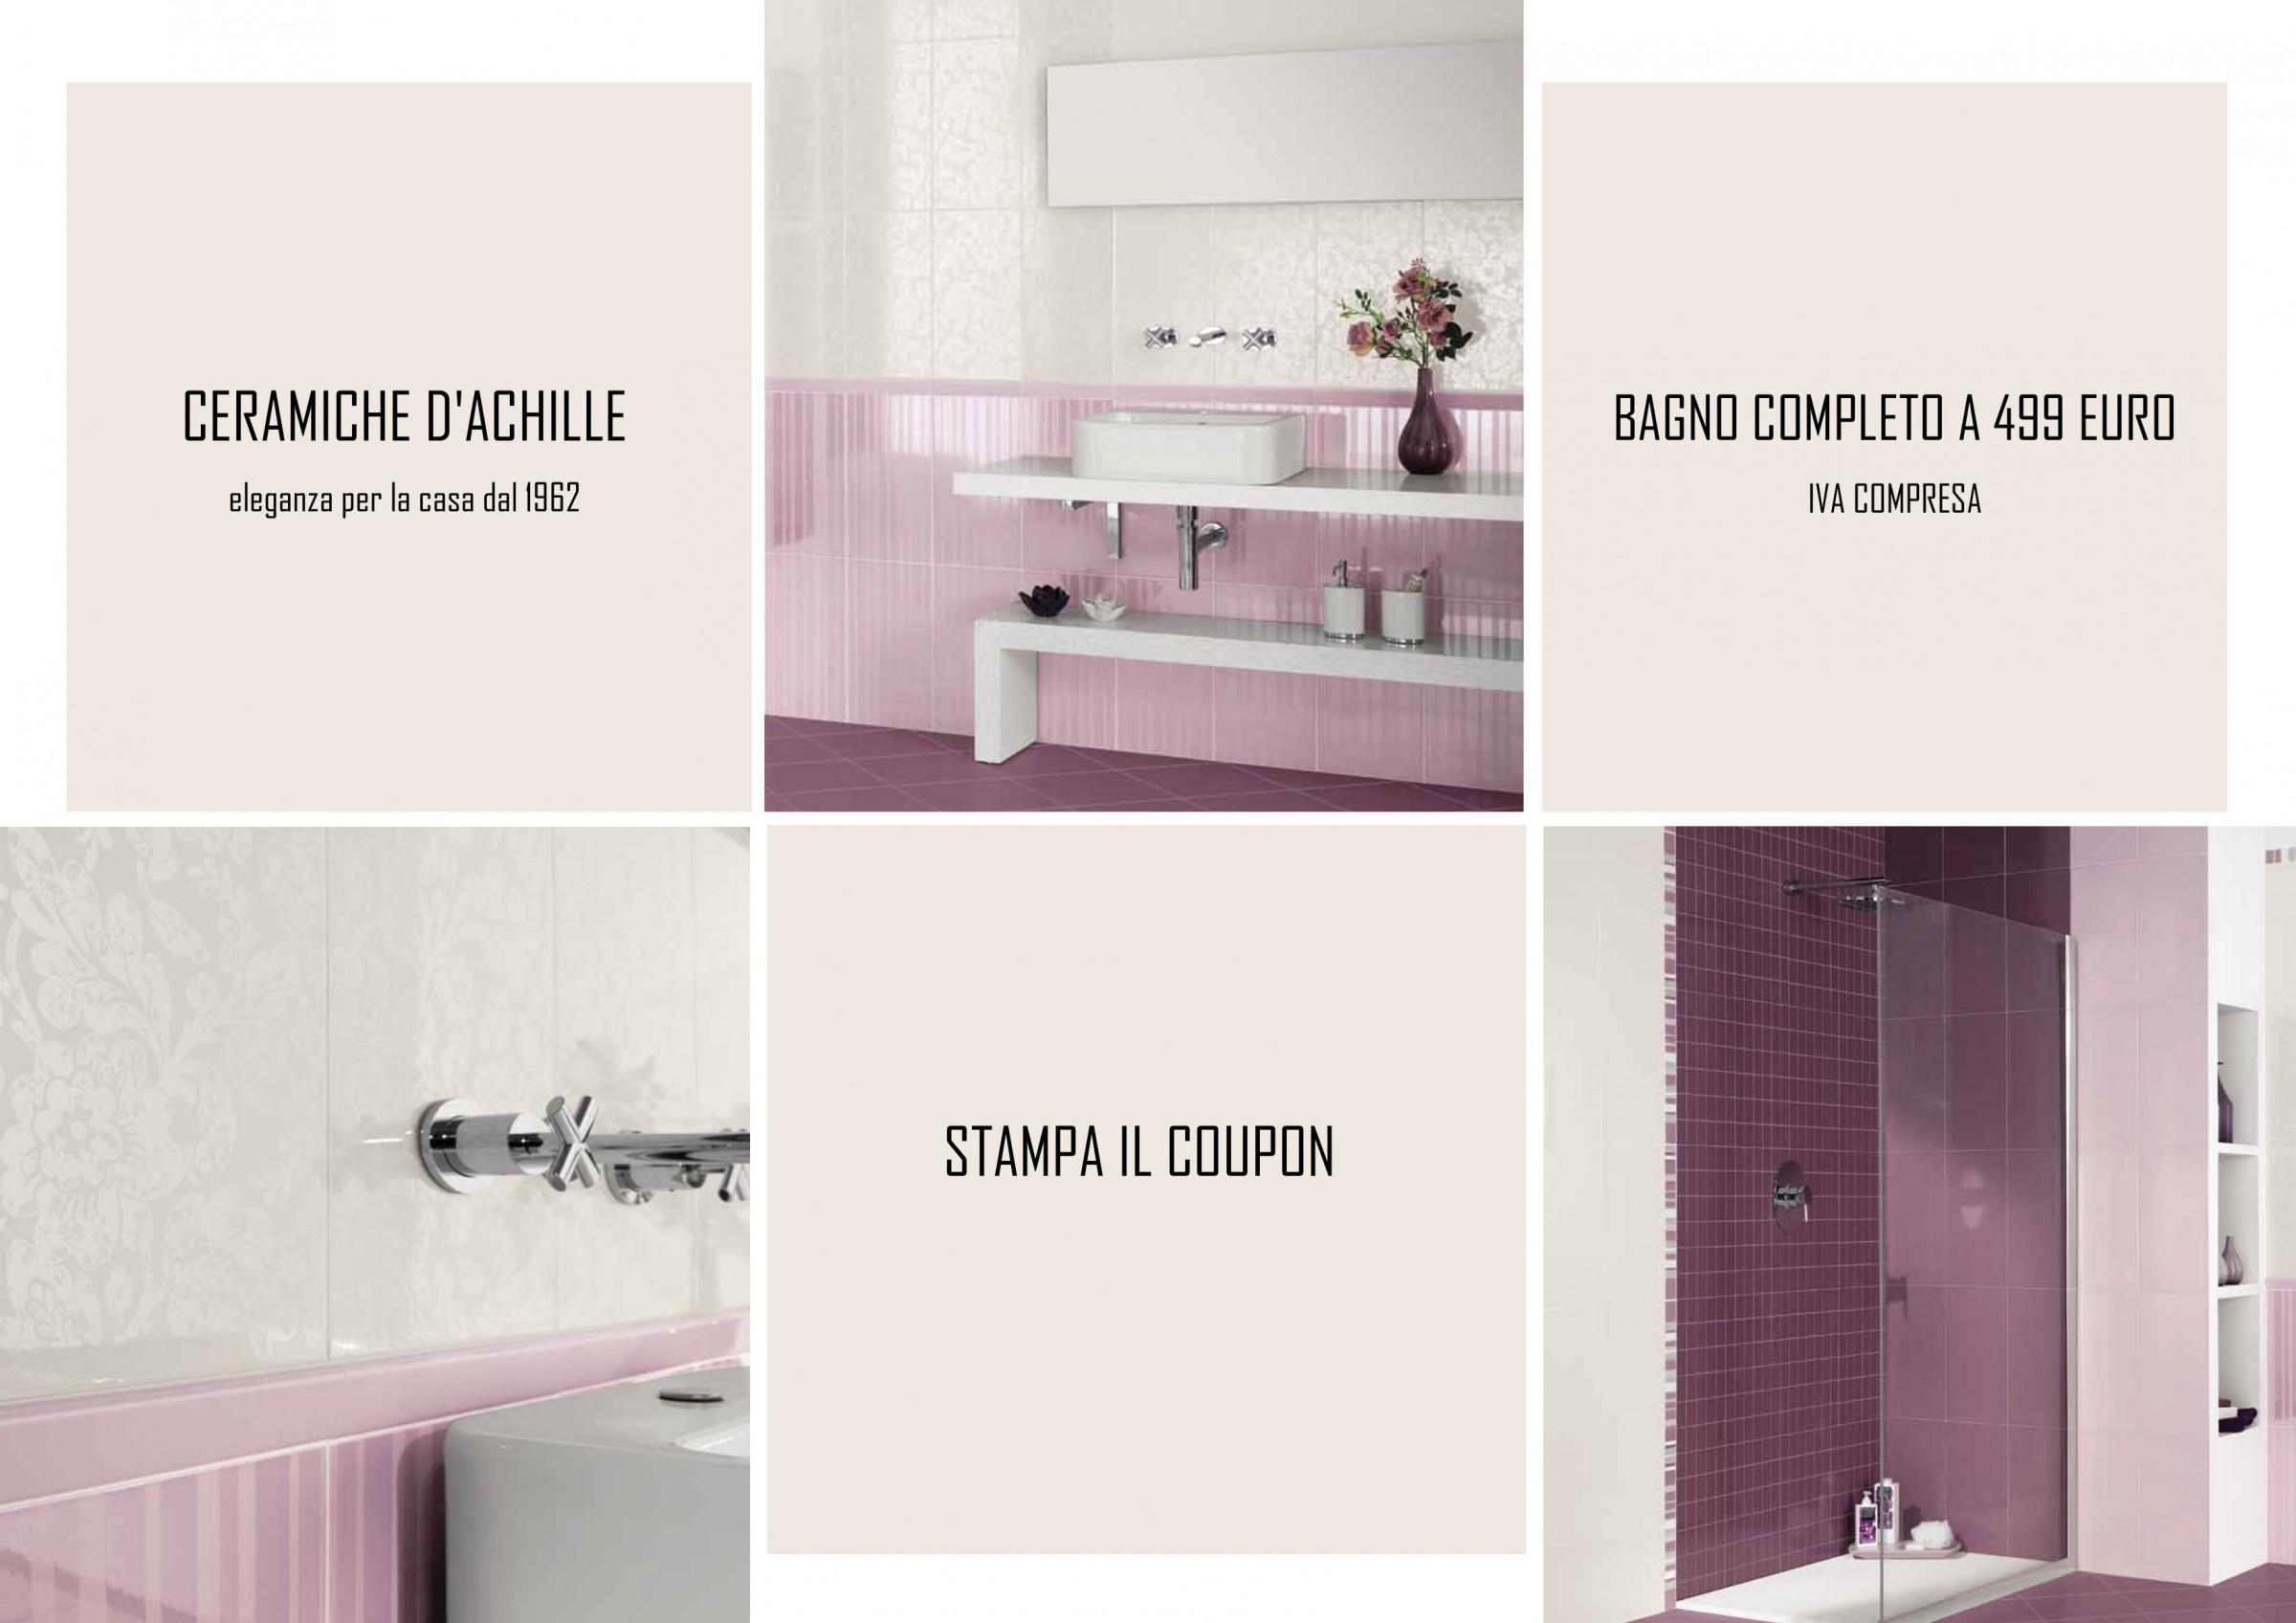 Awesome Bagno Completo Offerta Contemporary - Acomo.us - acomo.us